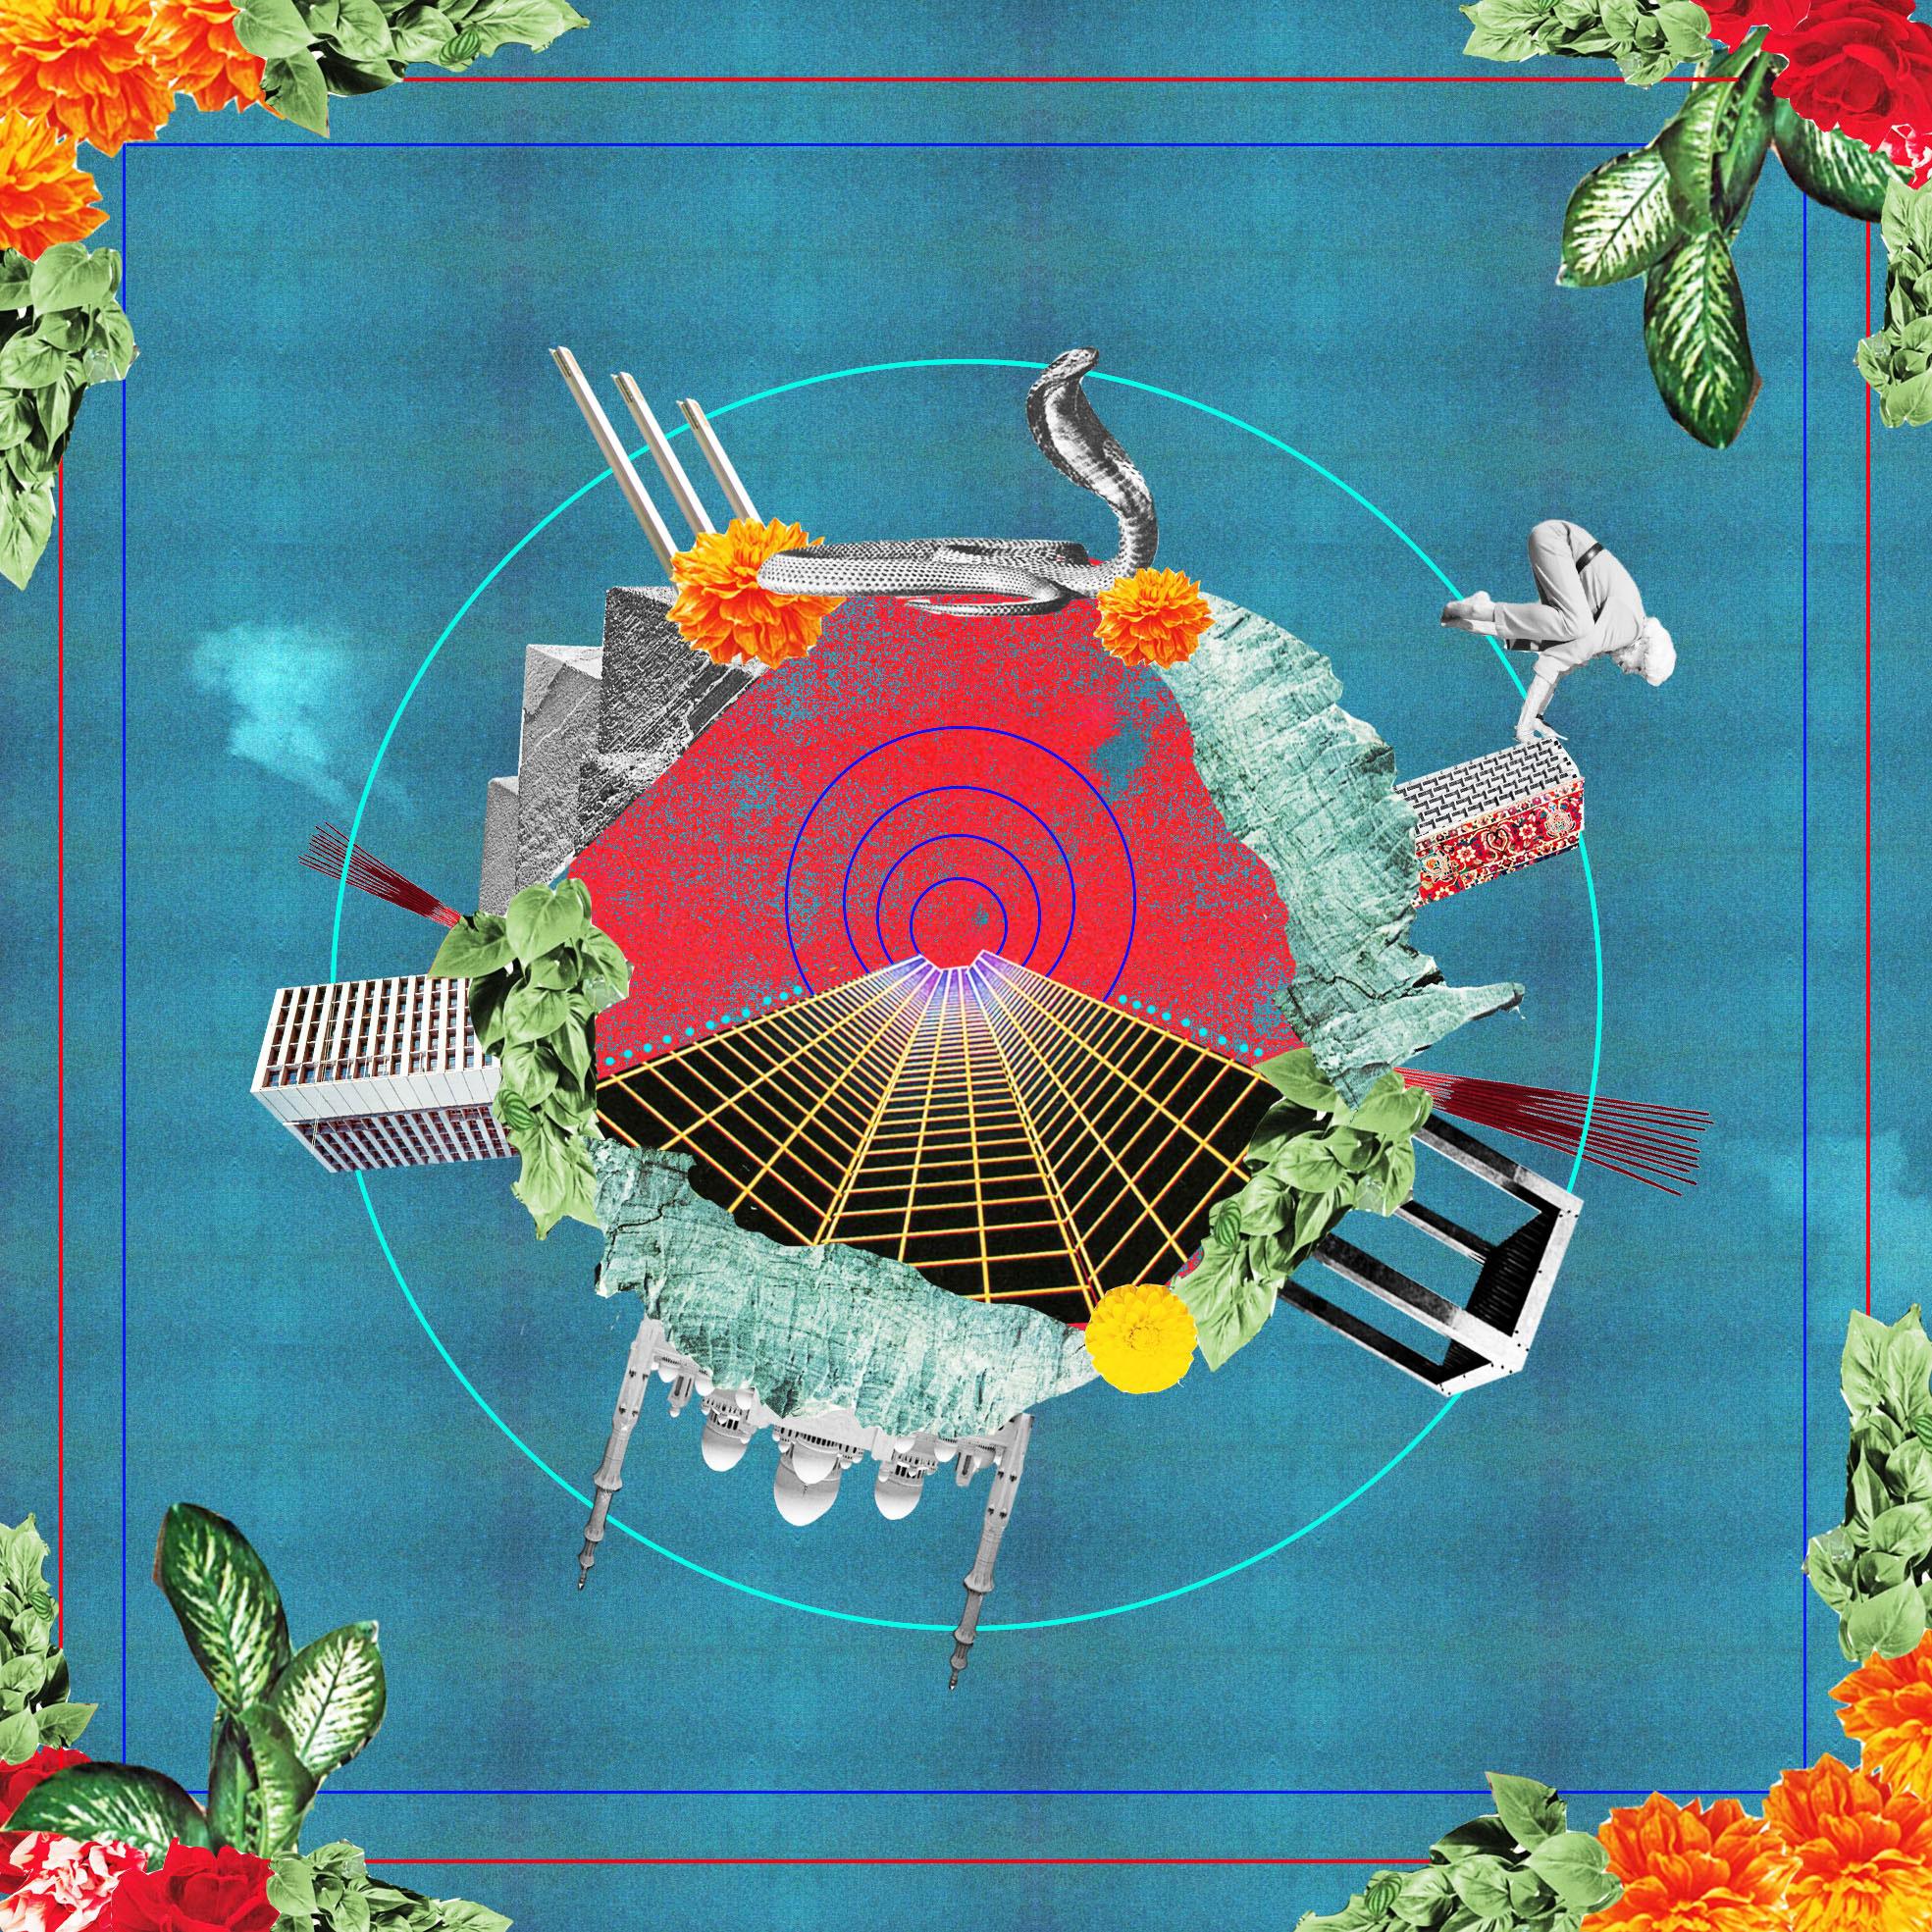 Illustration de l'artiste Charlotte Esquerré sur le retour des spiritualités orientales en Occident